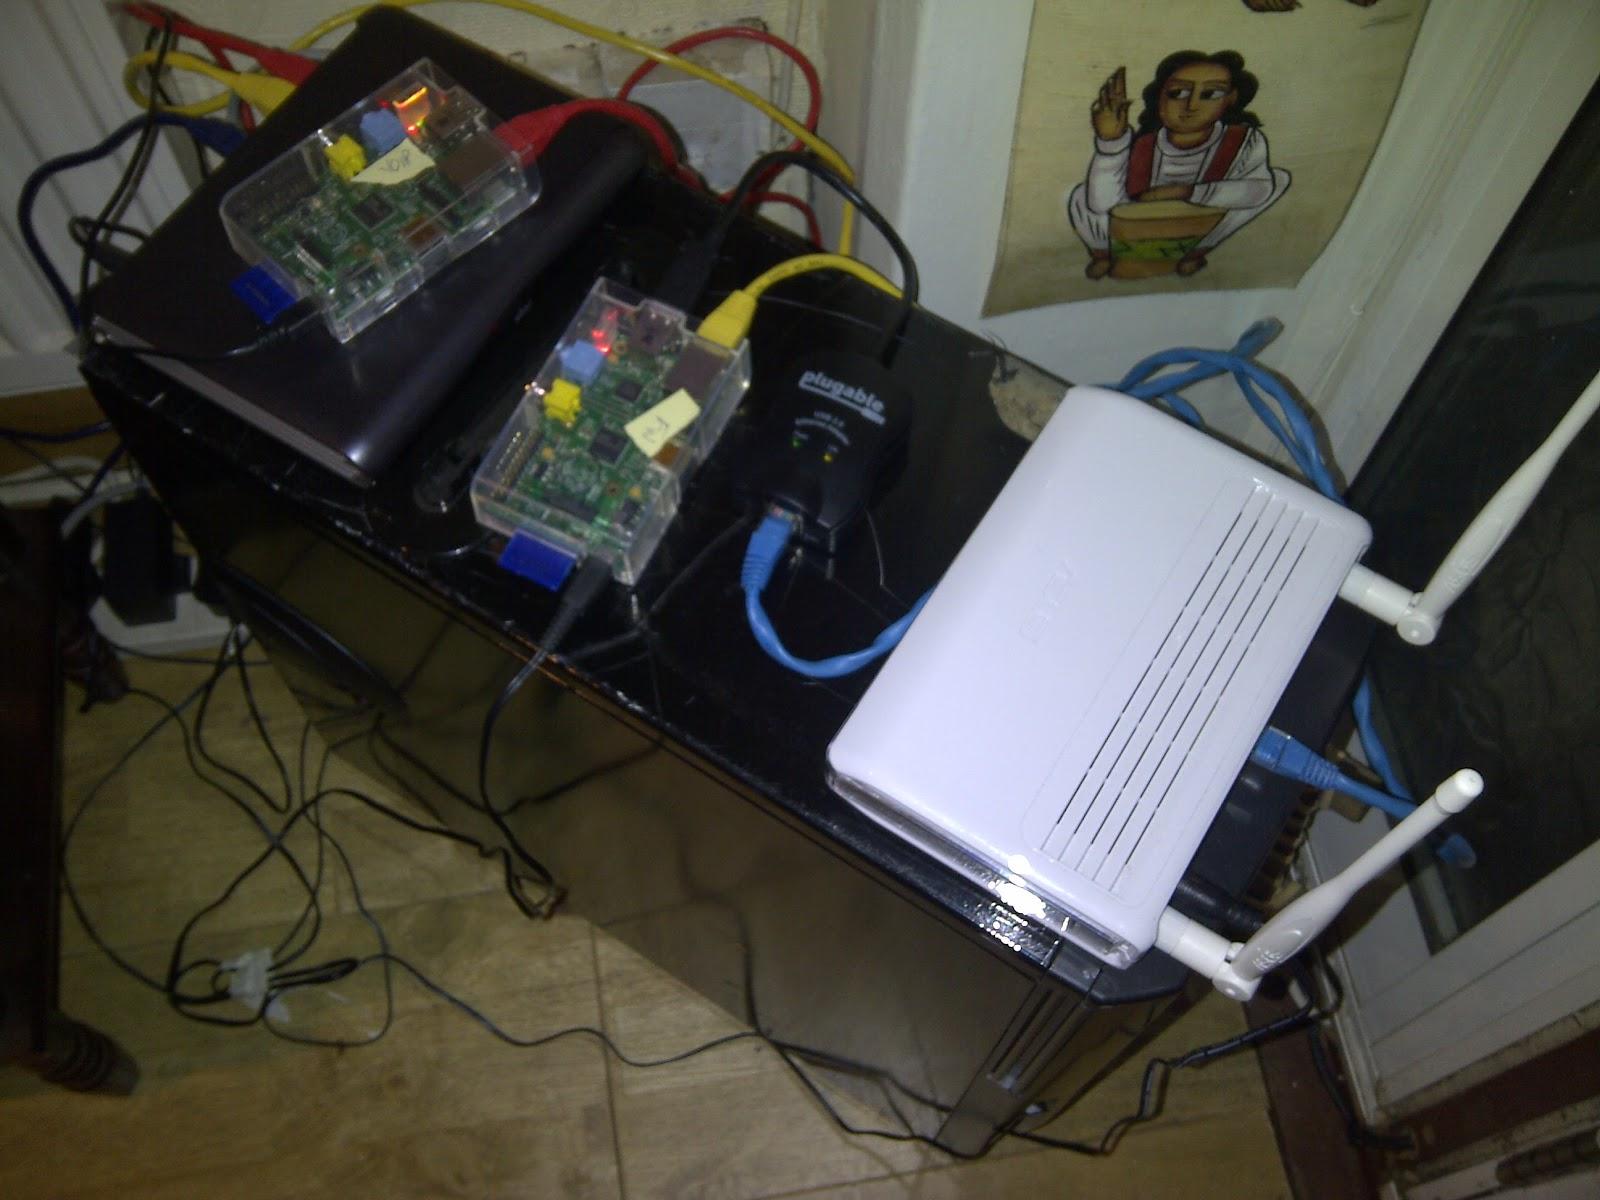 Firewall: Raspberry Pi Firewall